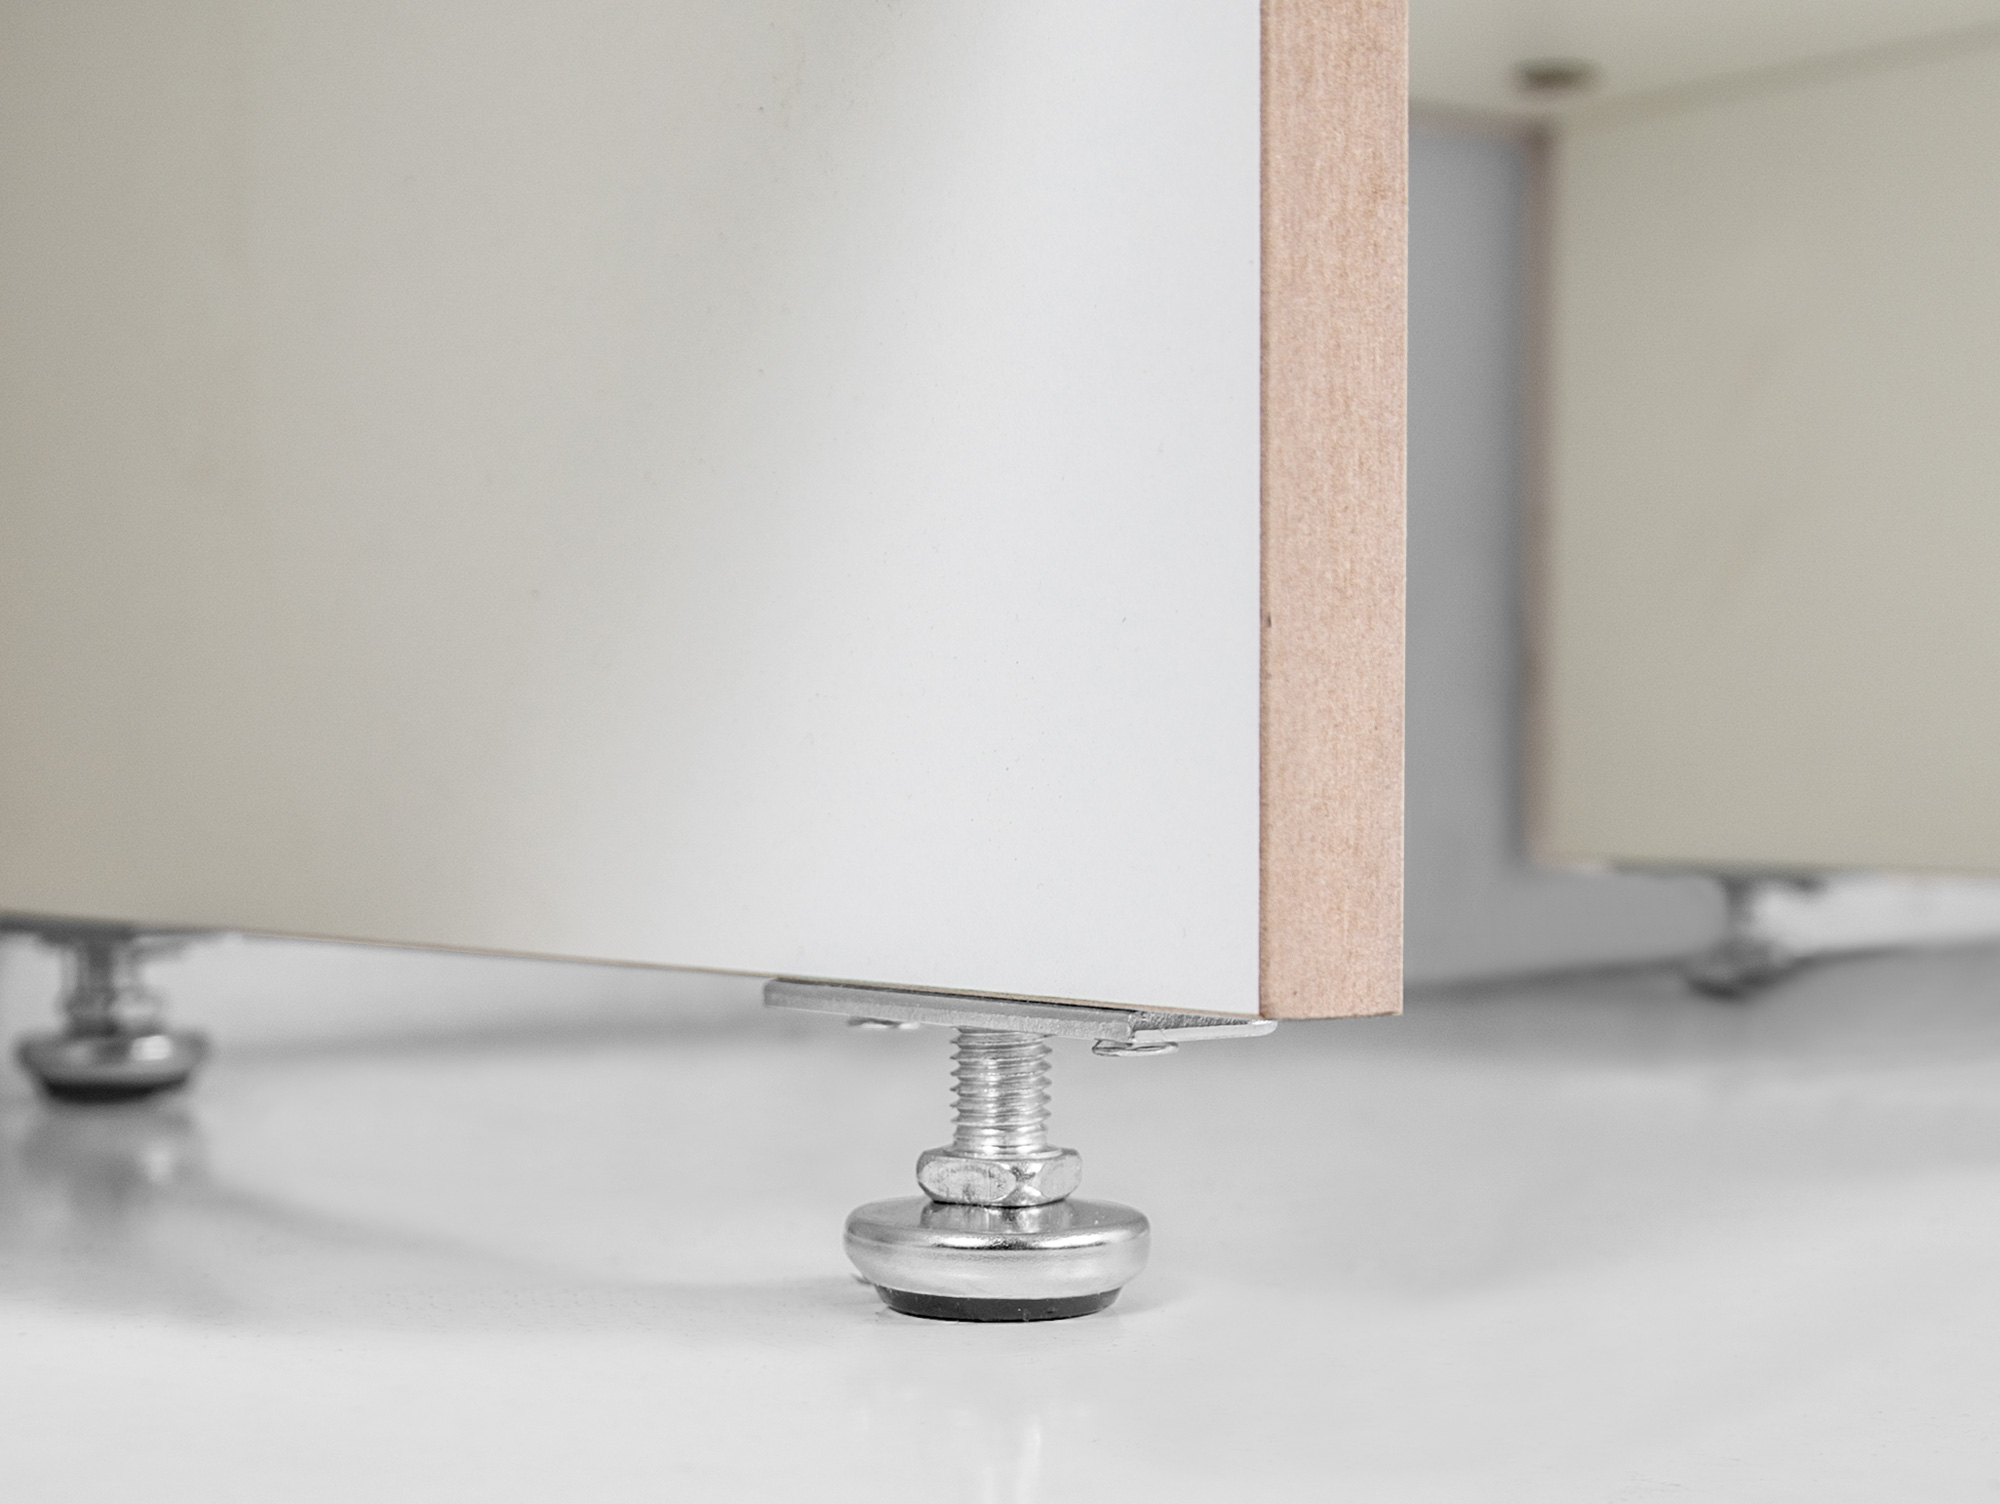 fmb regalsystem mdf beschichtet 1 x 66 cm breite 71 cm 102 2 cm weiss. Black Bedroom Furniture Sets. Home Design Ideas